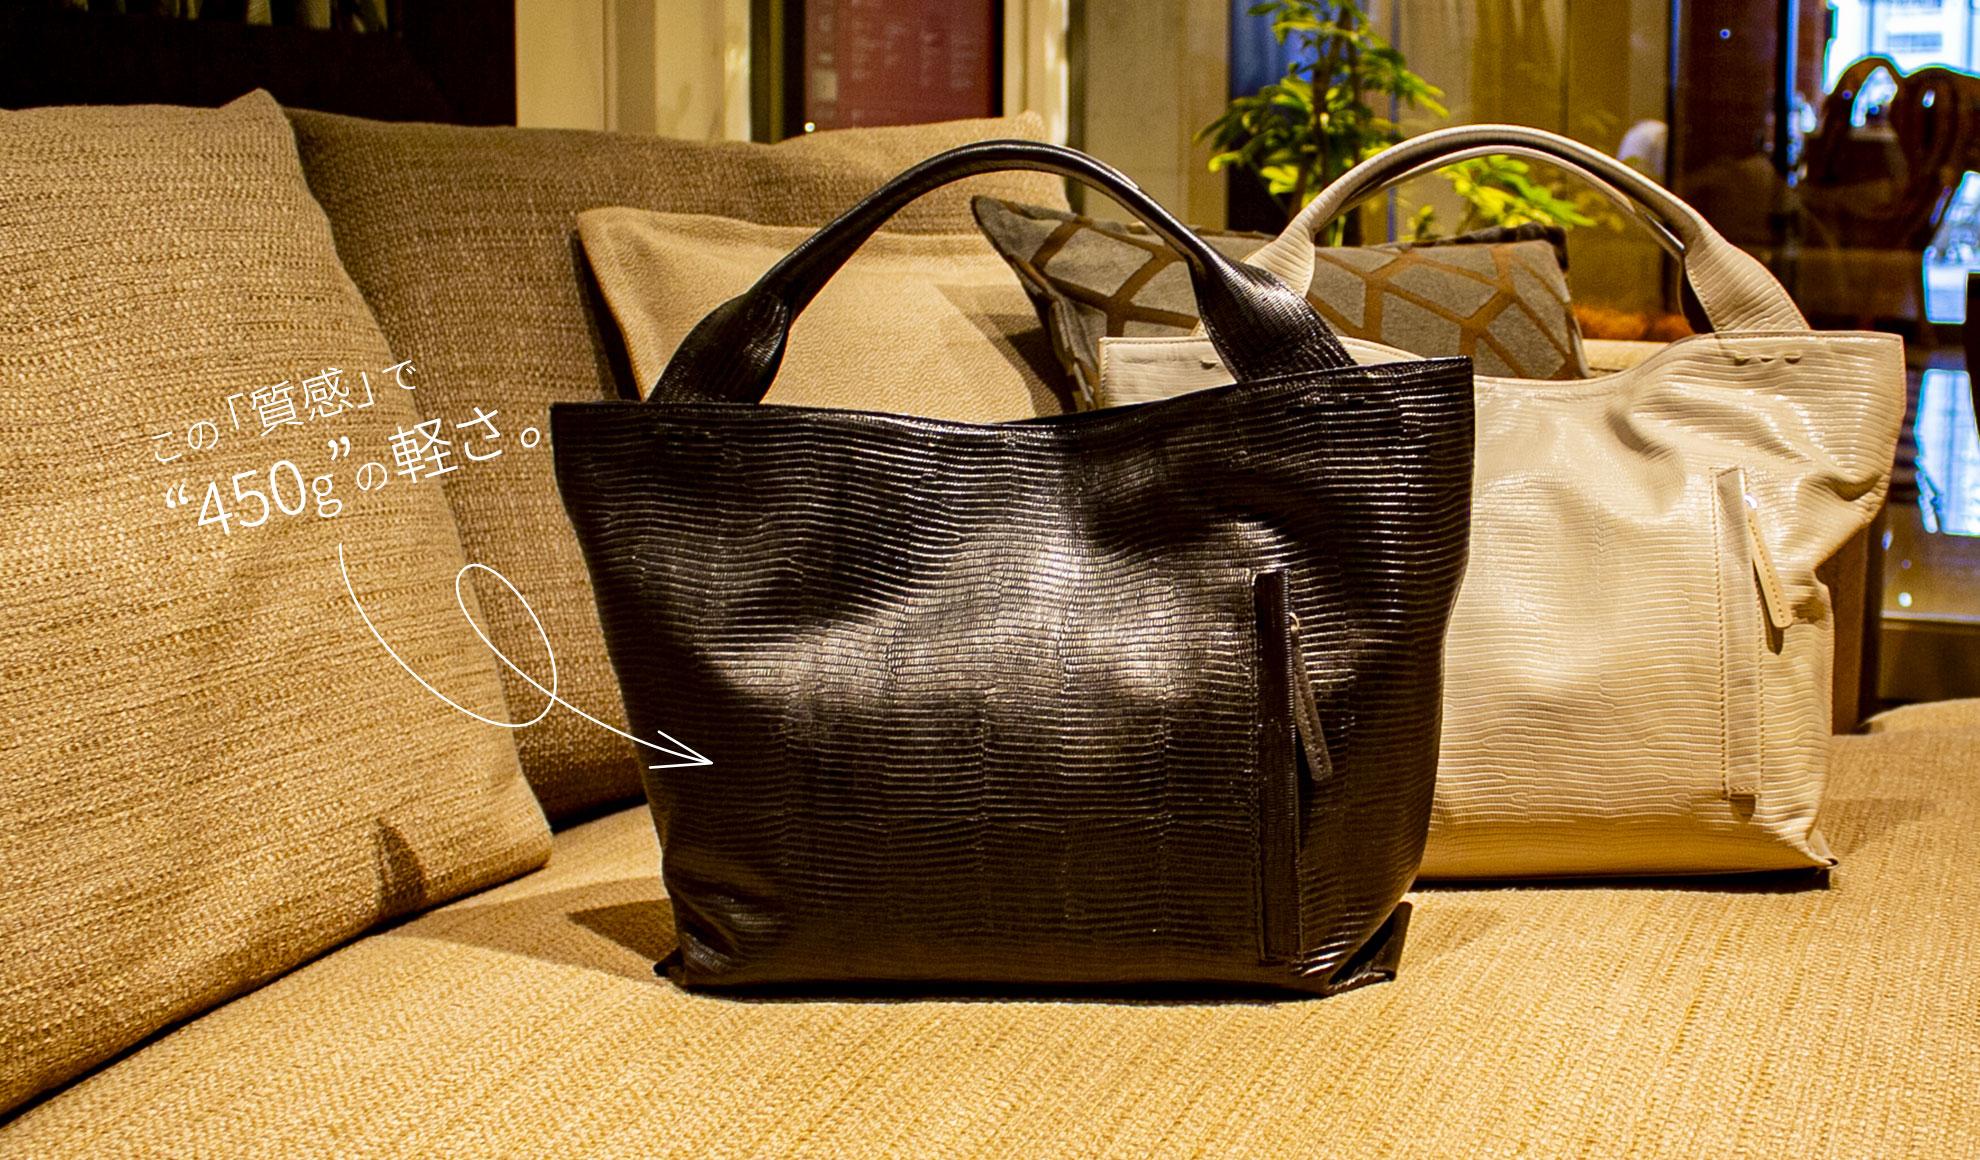 美しいリザードの文様を型押しした本革バッグ、しかも450gの軽さの「RAVIOLI」